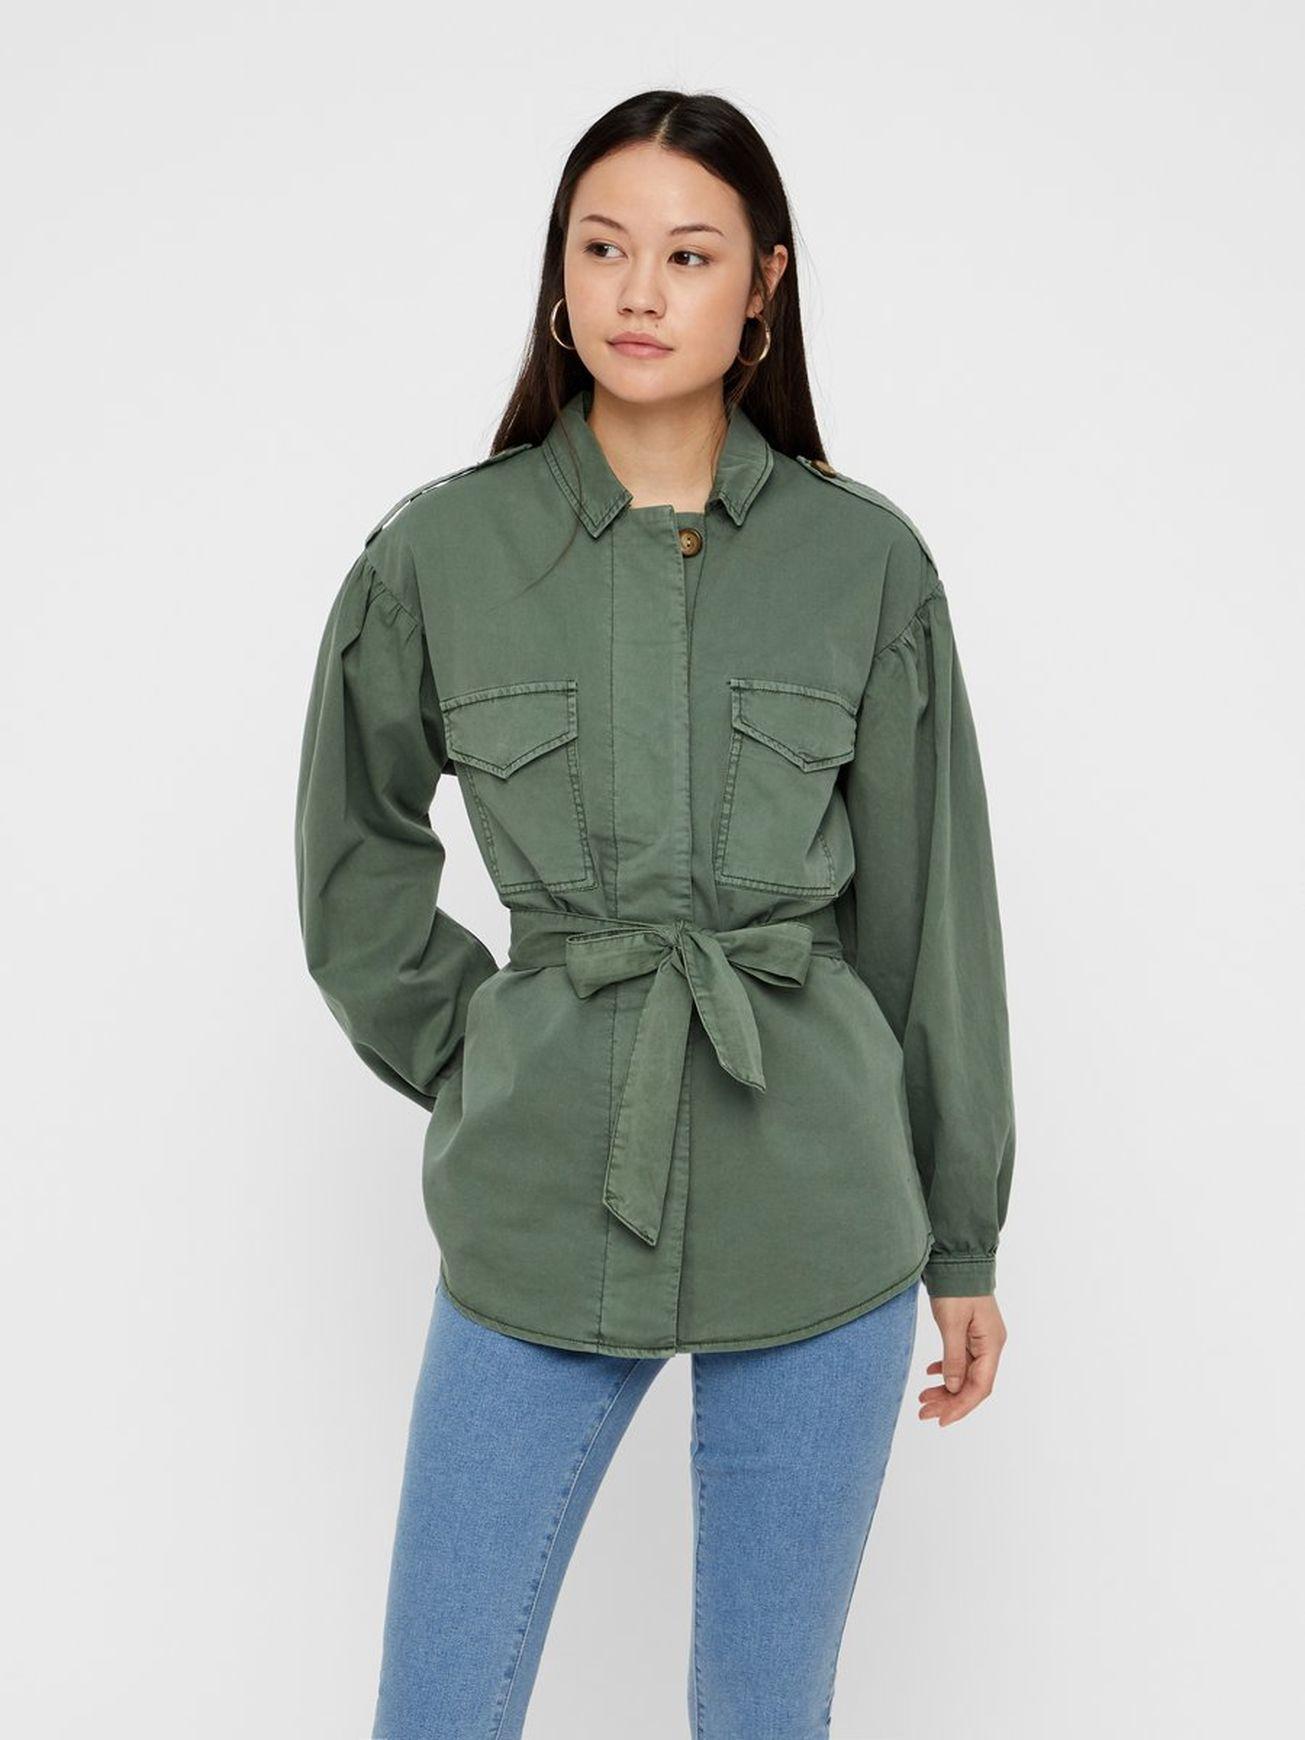 af3a491b Cargo bælte jakke i 2019   Ønsker   Vero moda, Moda og Bælte